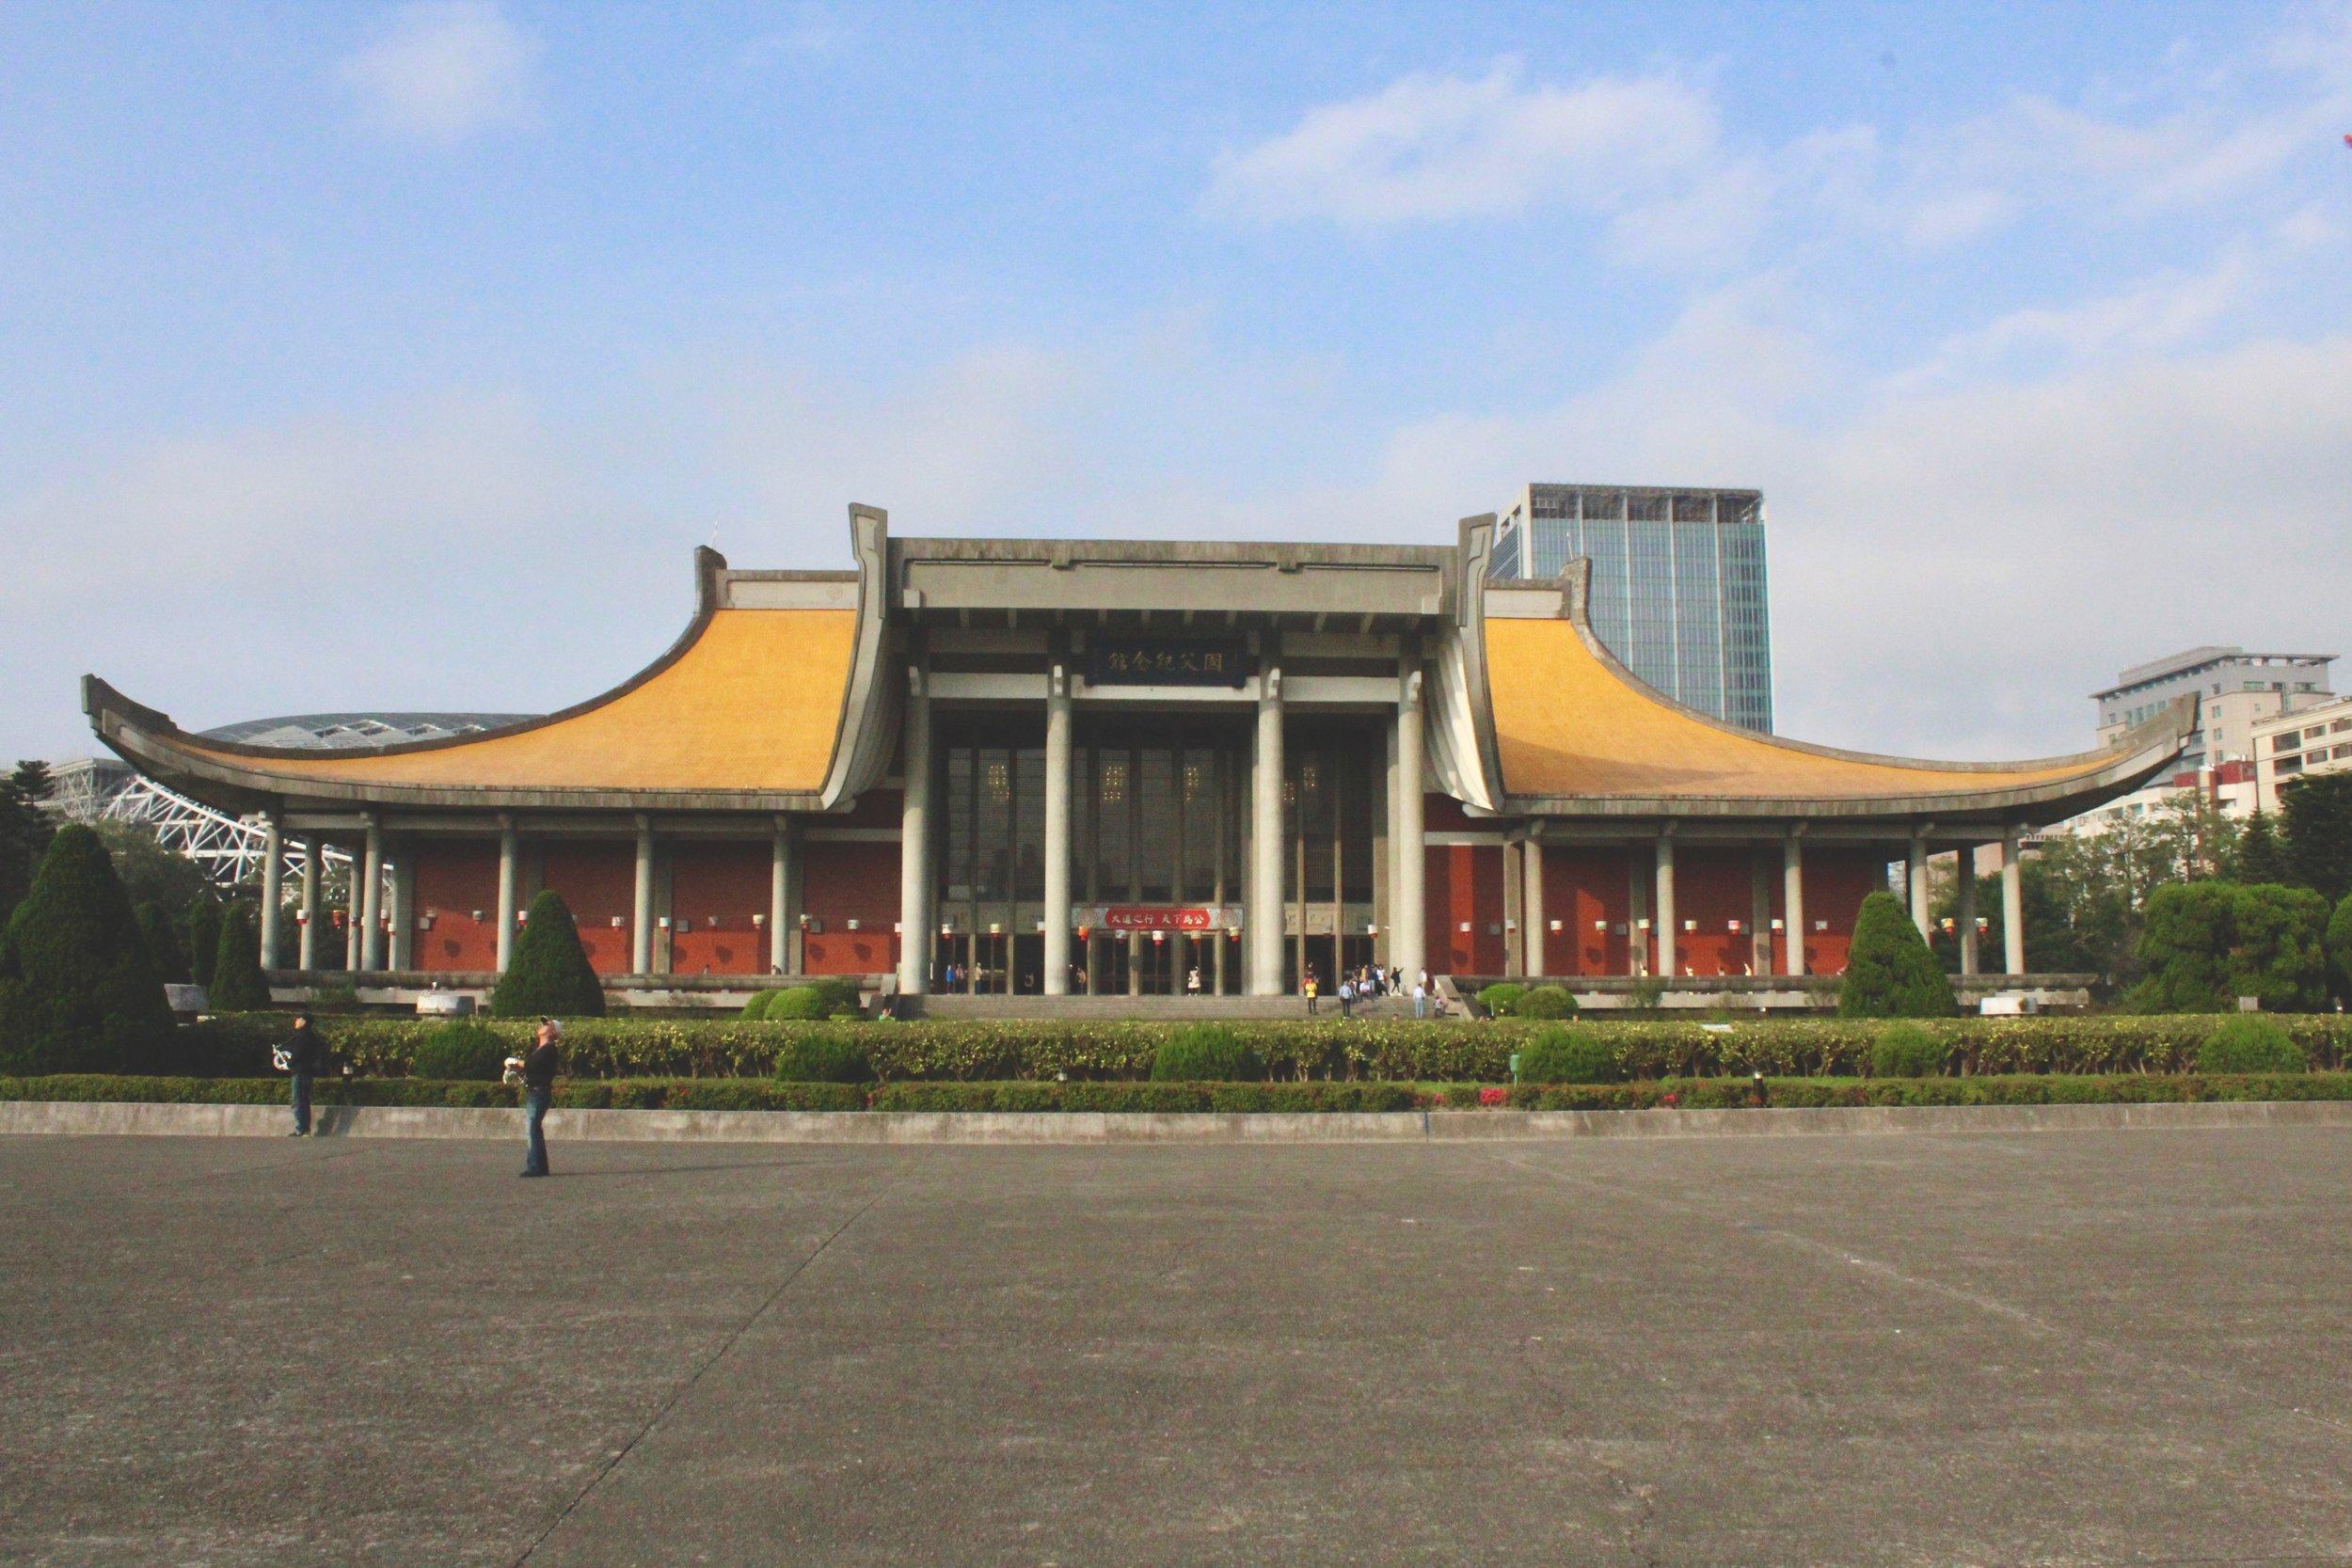 Dr. Sun Yat Sen Memorial